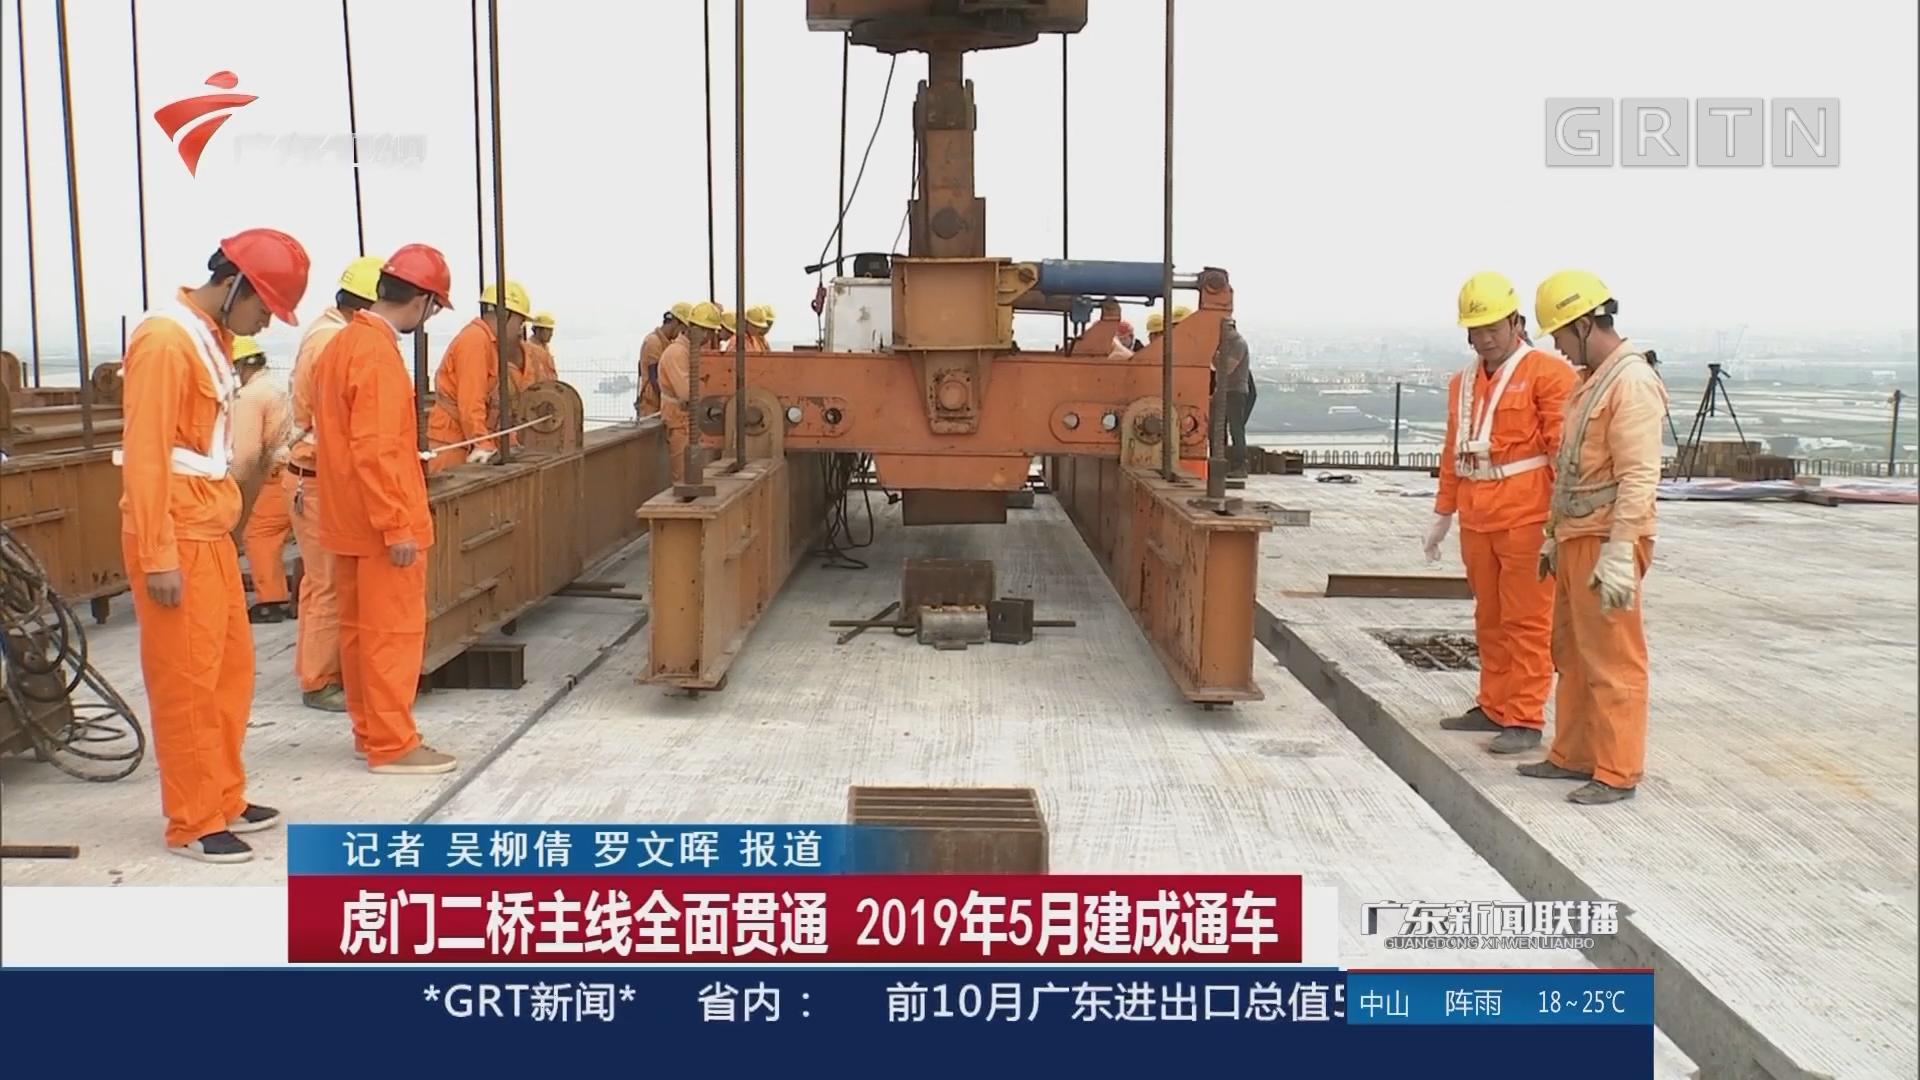 虎门二桥主线全面贯通 2019年5月建成通车